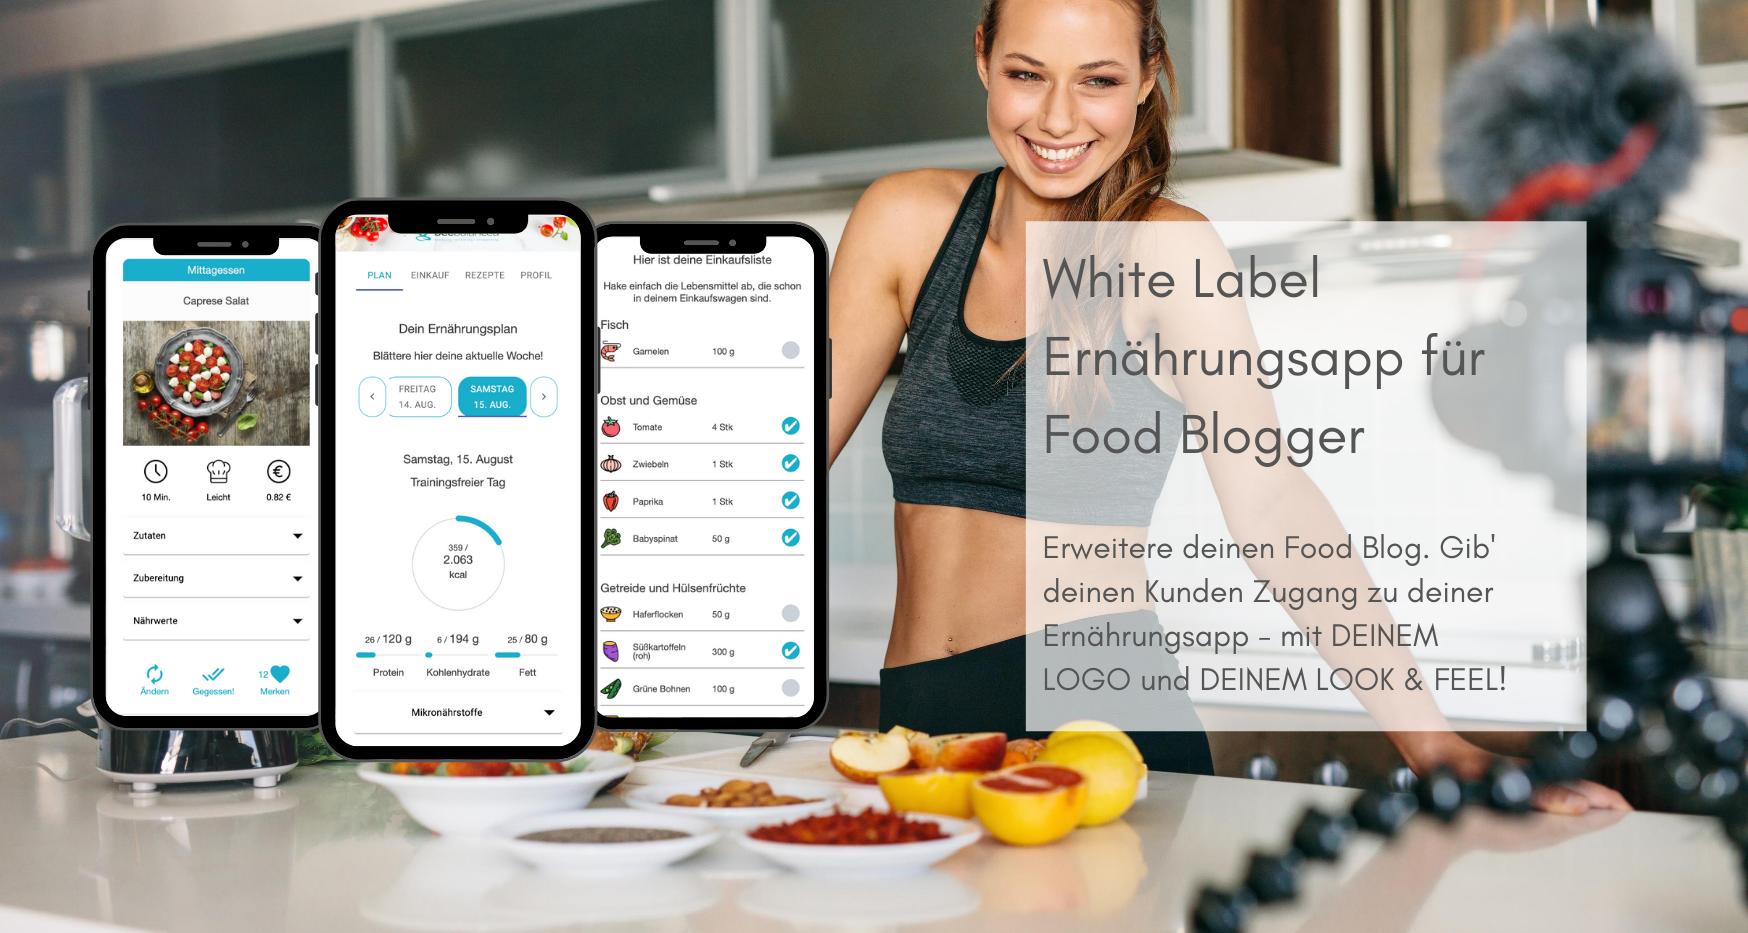 White Label App für Food Blogger - Software zur Online Ernährungsberatung - Ernährungspläne erstellen leicht gemacht mit Natty Gains